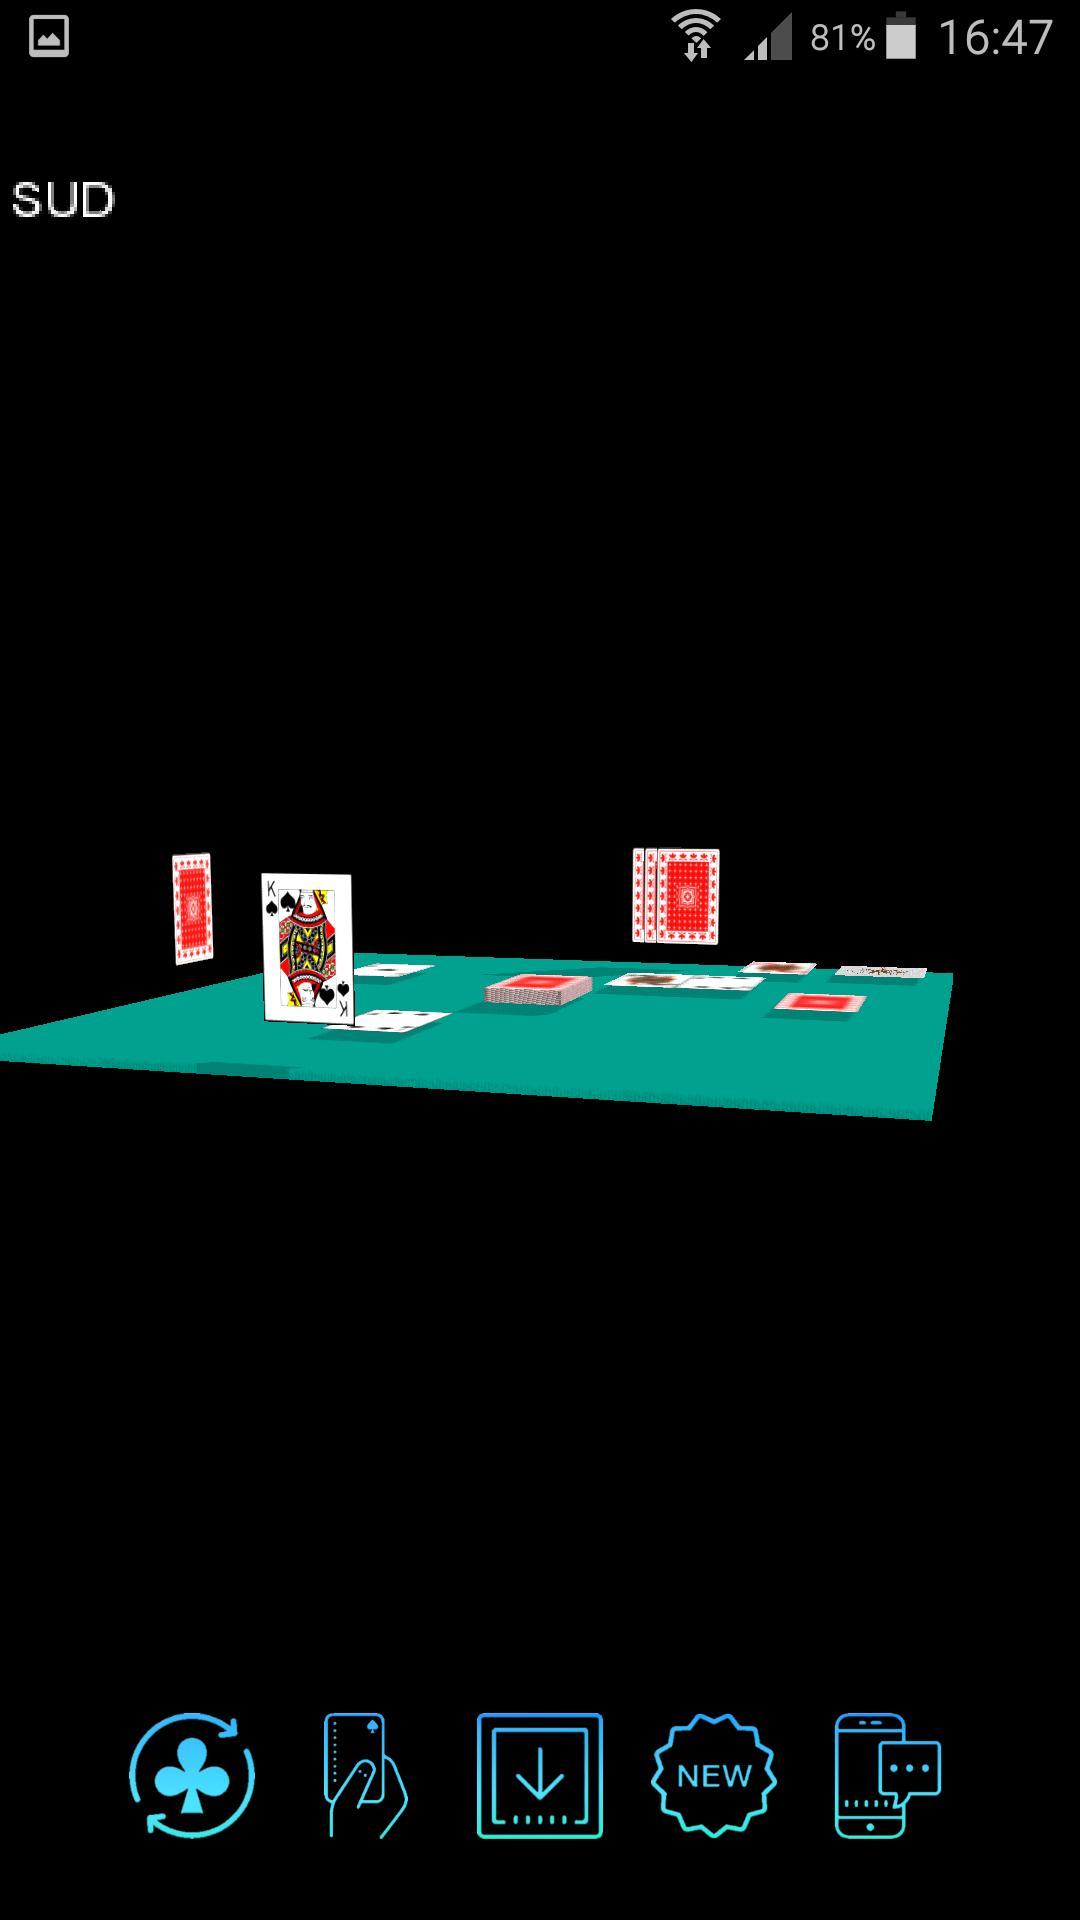 Android Için Cartes À Jouer 3D (Jeux Gratuit Sans Publicité destiné تثعء لقضفعهف